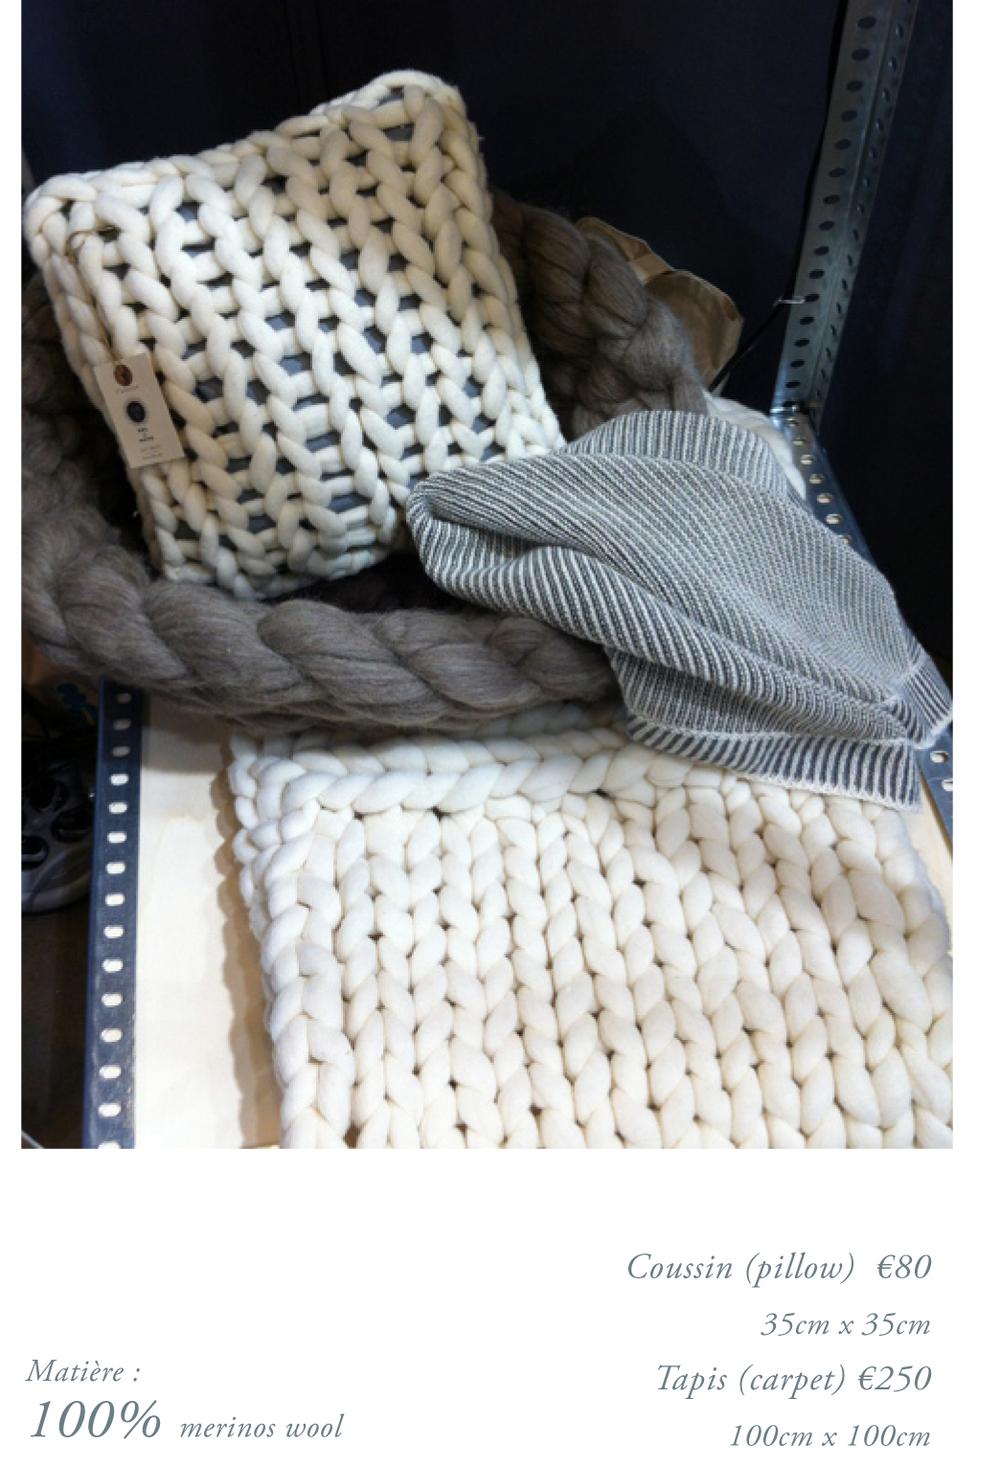 catalogue-Sol-de-Mayo--L'Atelier-deco.jpg